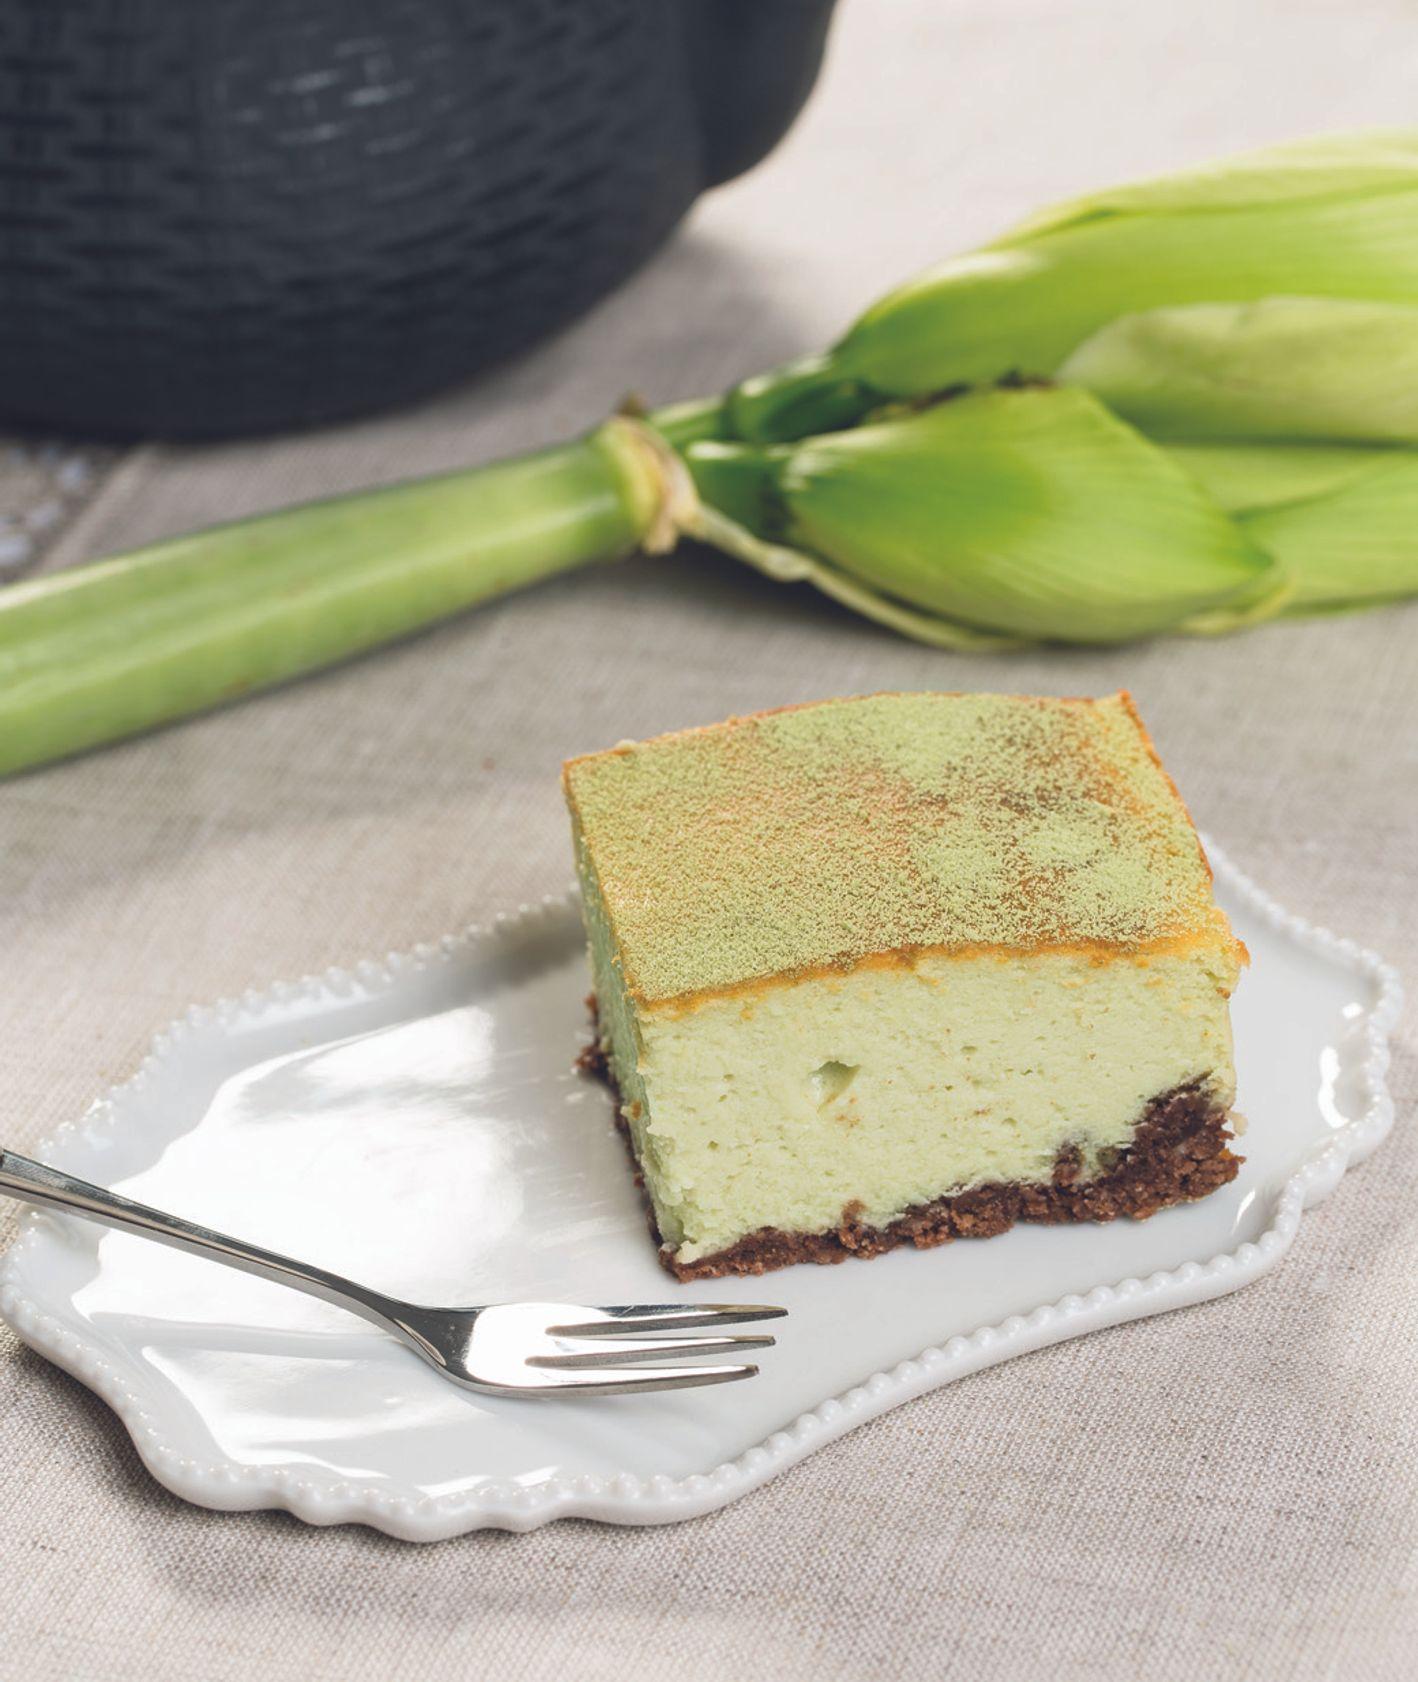 Zielony sernik z dodatkiem herbaty matcha na czekoladowym spodzie z ciastek owsianych, przepis Zosia Bauman-Nykowska